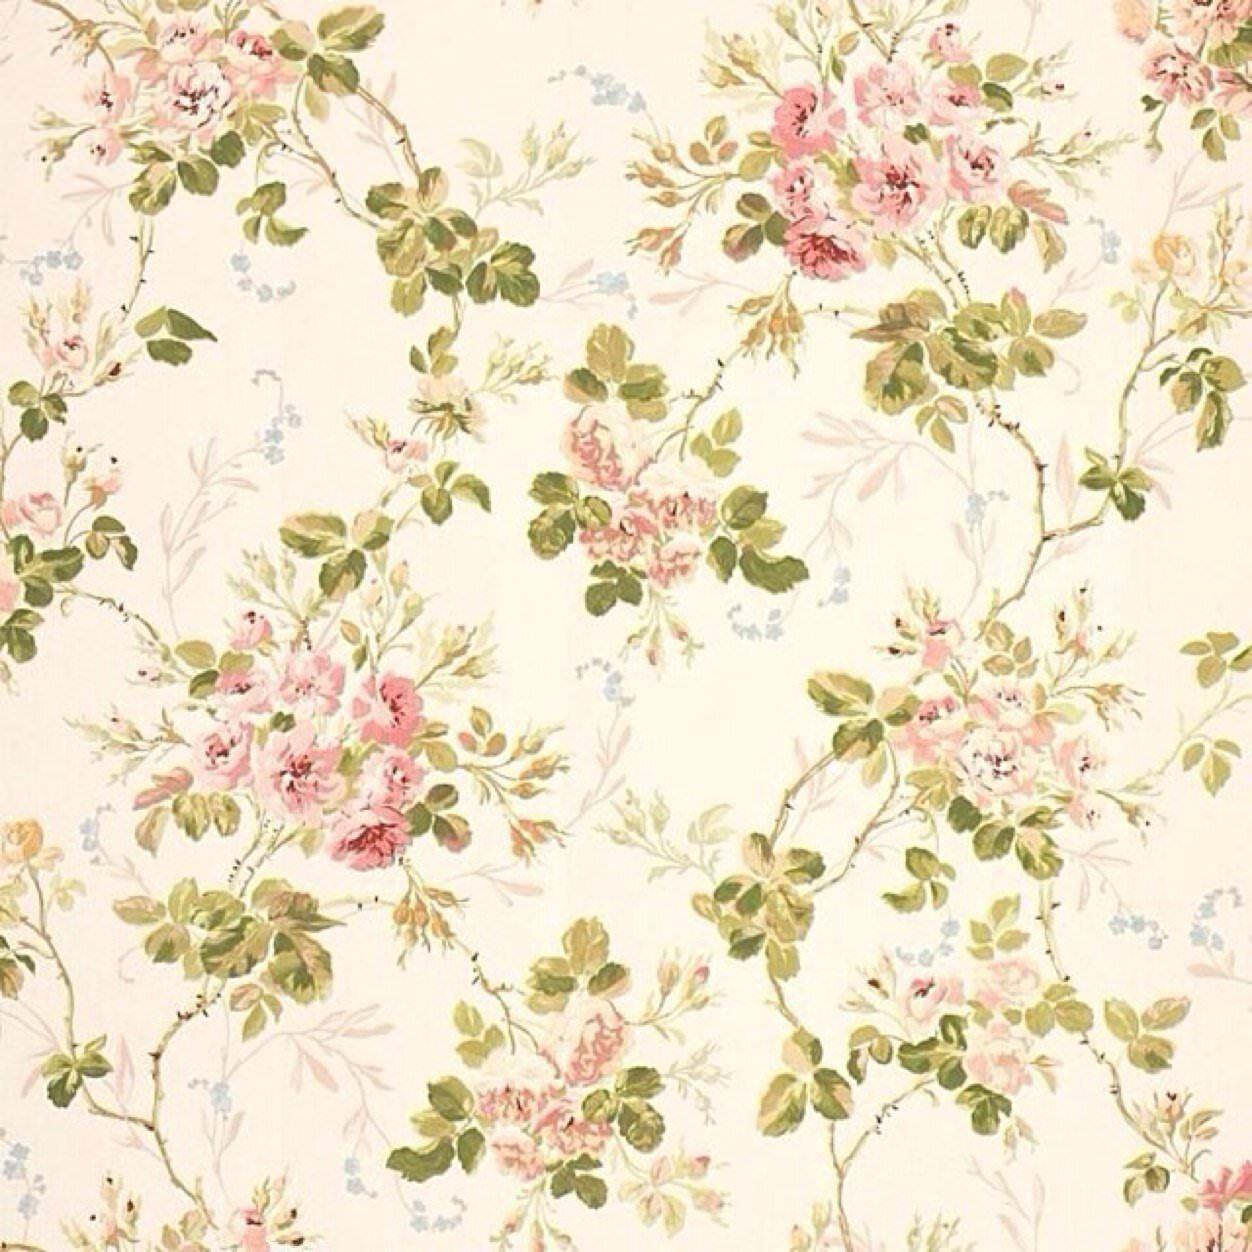 Image Result For 80 S Floral Wallpaper Vintage Floral Wallpapers